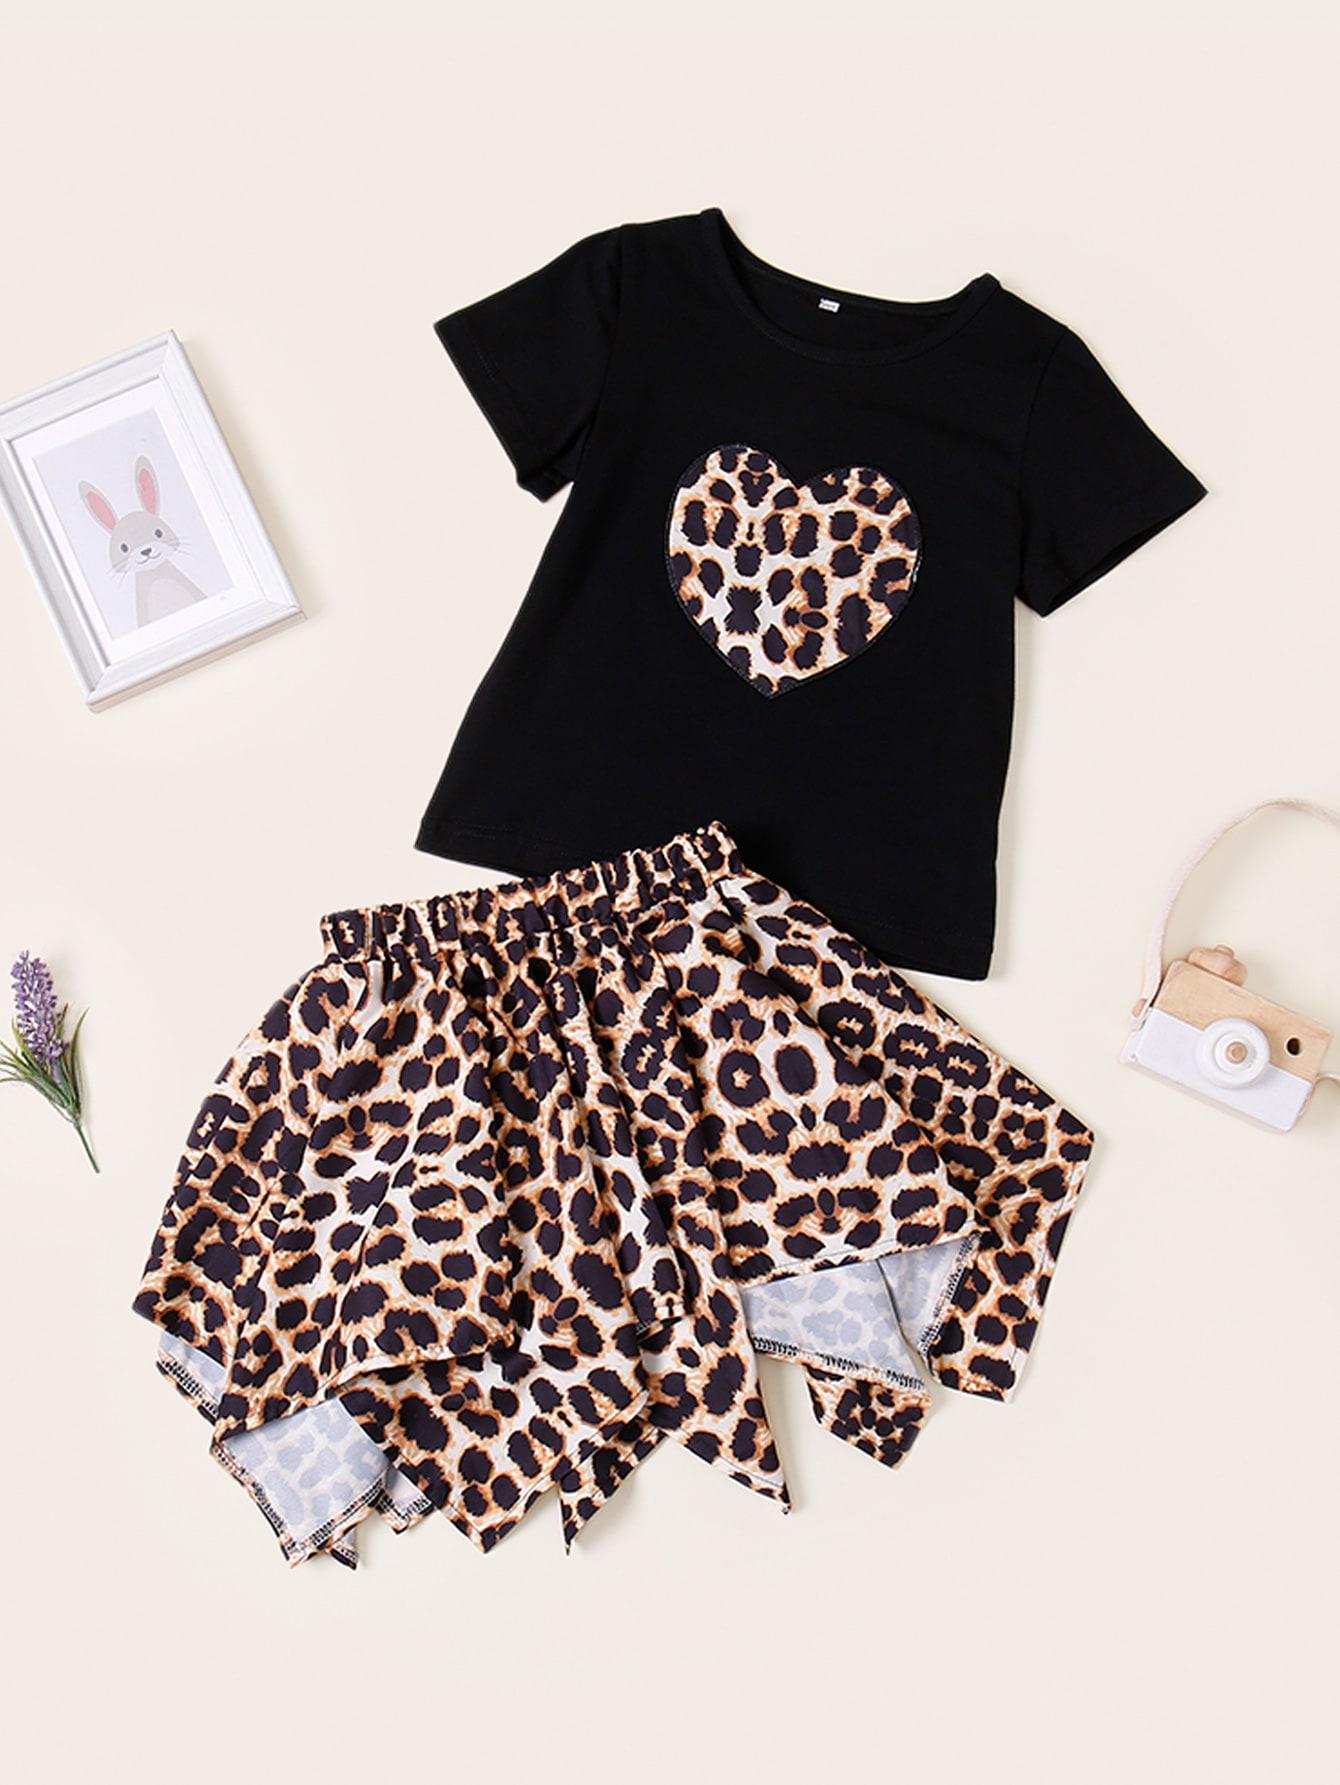 Фото - Футболку и асимметричная юбка с леопардовым принтом для маленьких девочек от SheIn цвет многоцветный